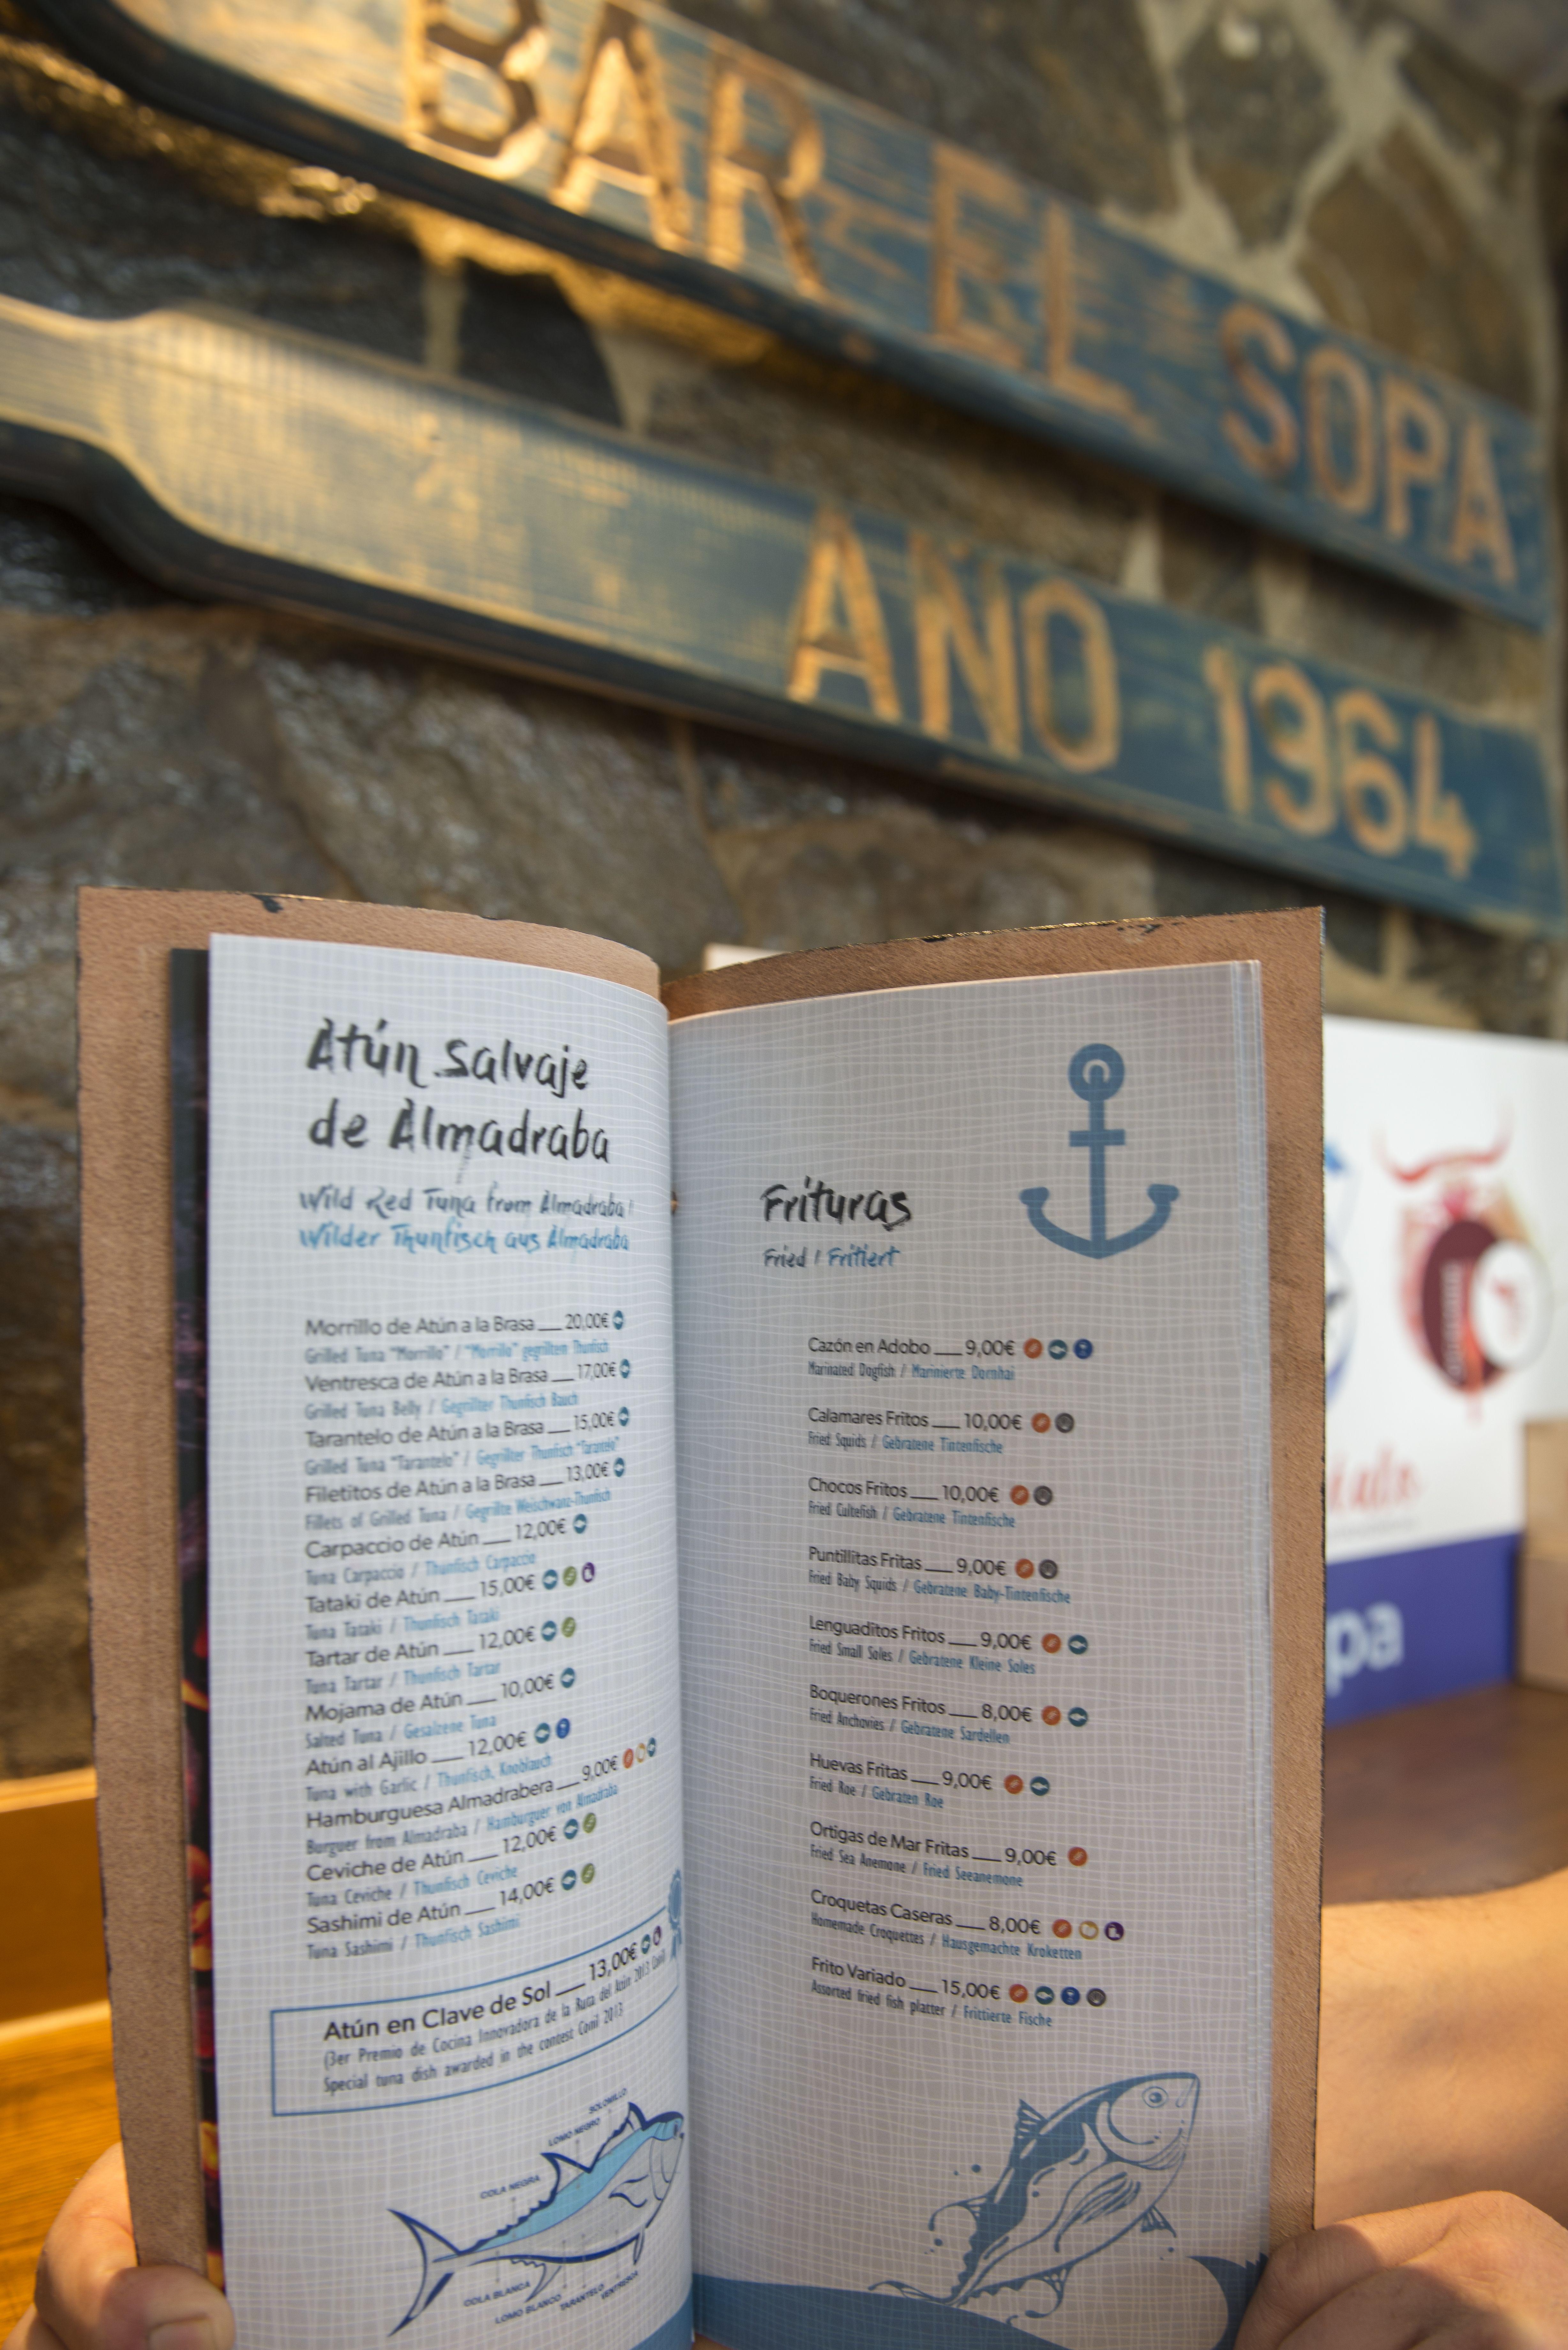 En la carta podrás encontrar atún rojo salvaje de Almadraba